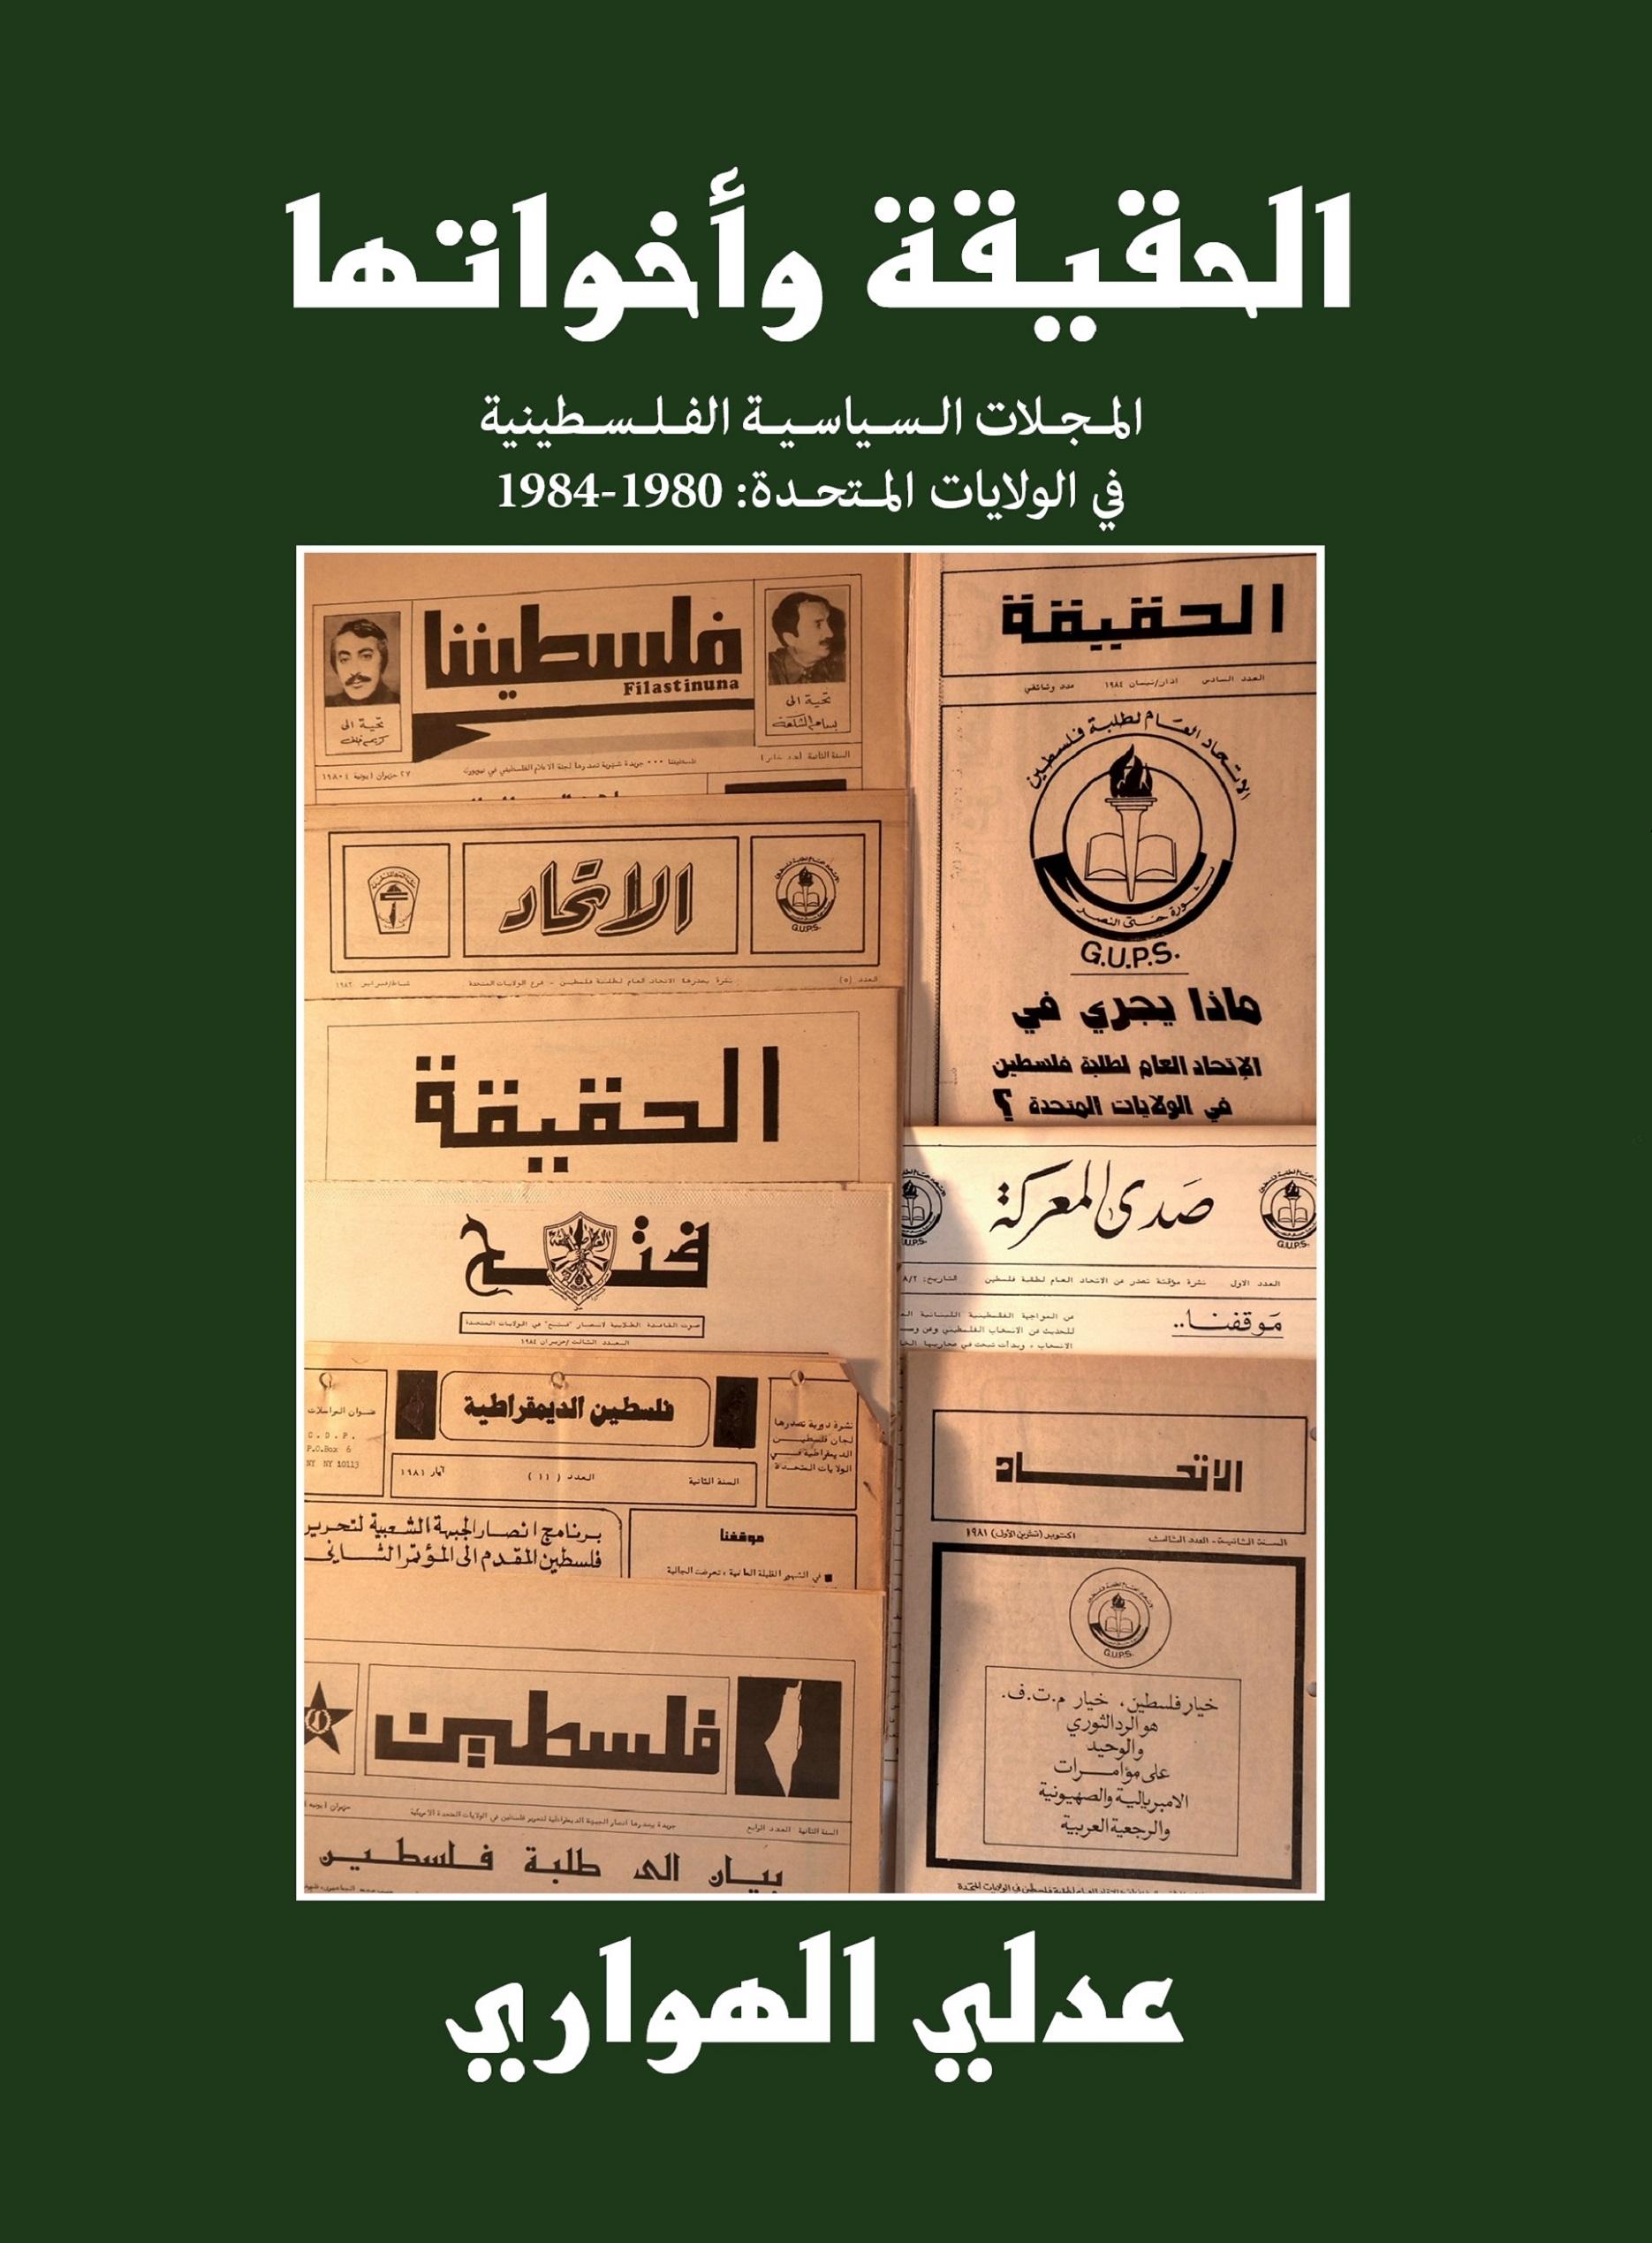 صدور «الحقيقة وأخواتها: المجلات السياسية الفلسطينية في الولايات المتحدة: (1980-1984)»